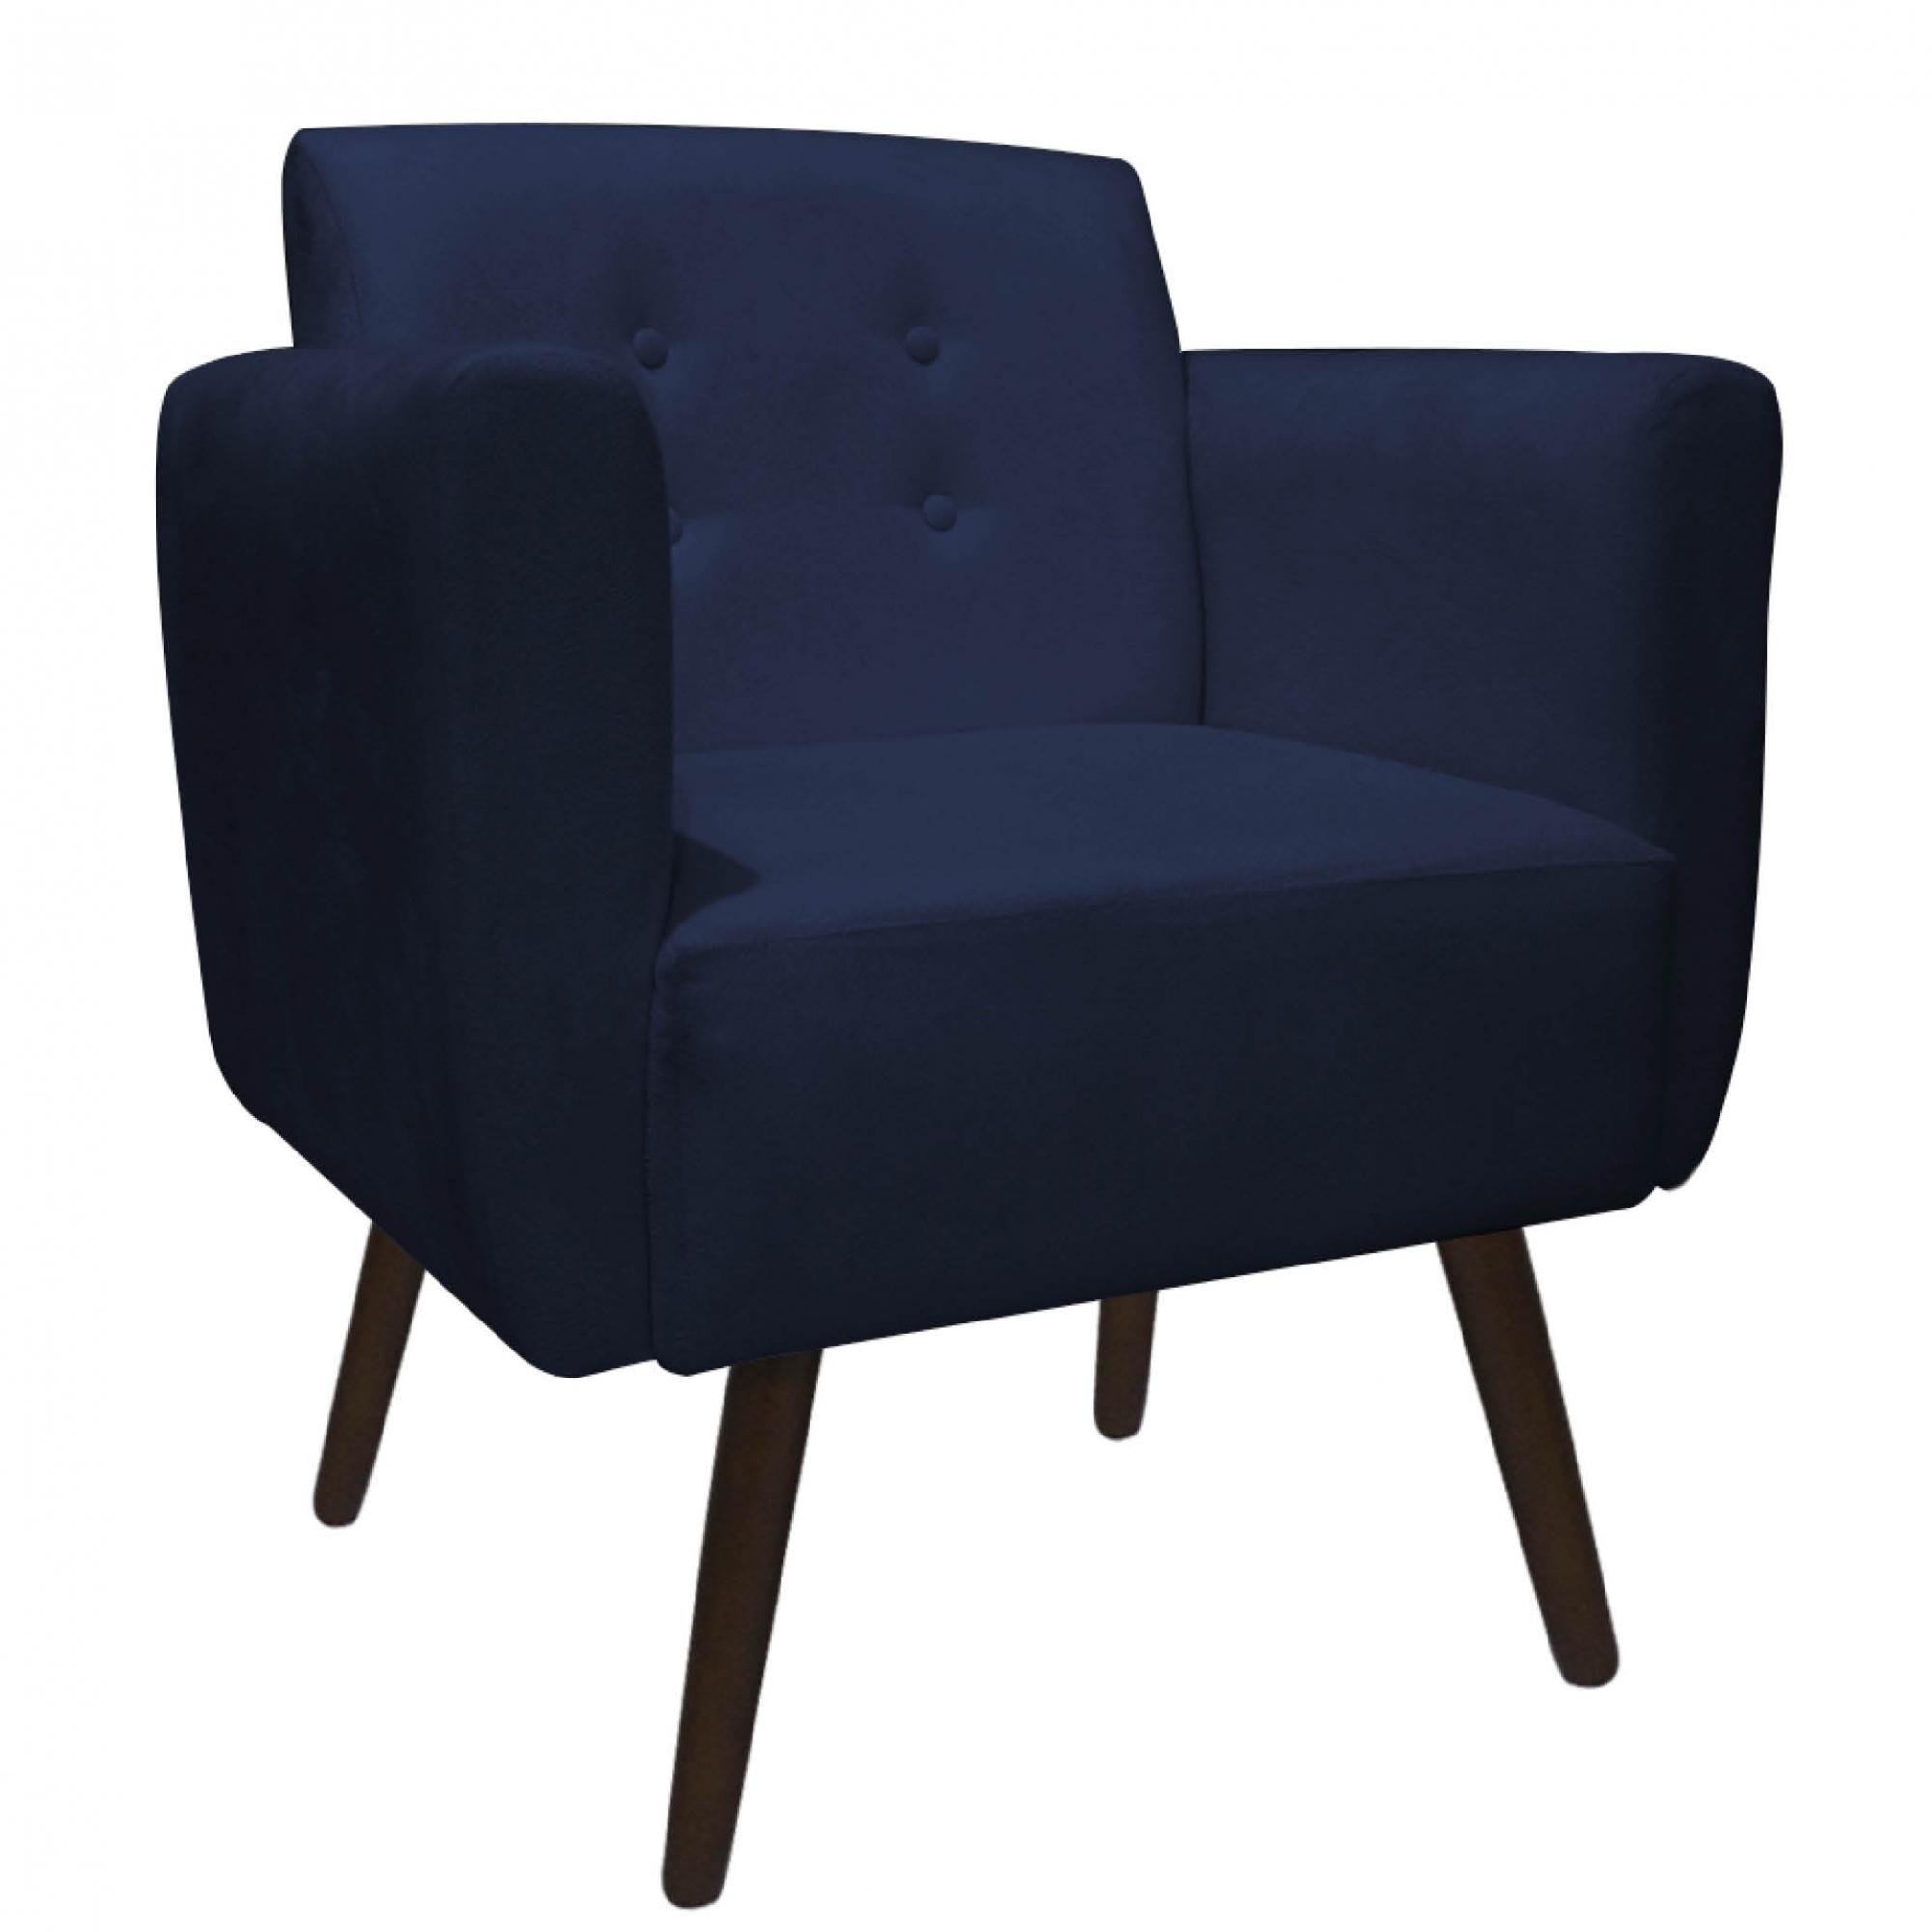 Kit 4 Poltrona Duda Decoraçâo Pé Palito Cadeira Recepção Escritório Clinica D'Classe Decor Suede Azul Marinho